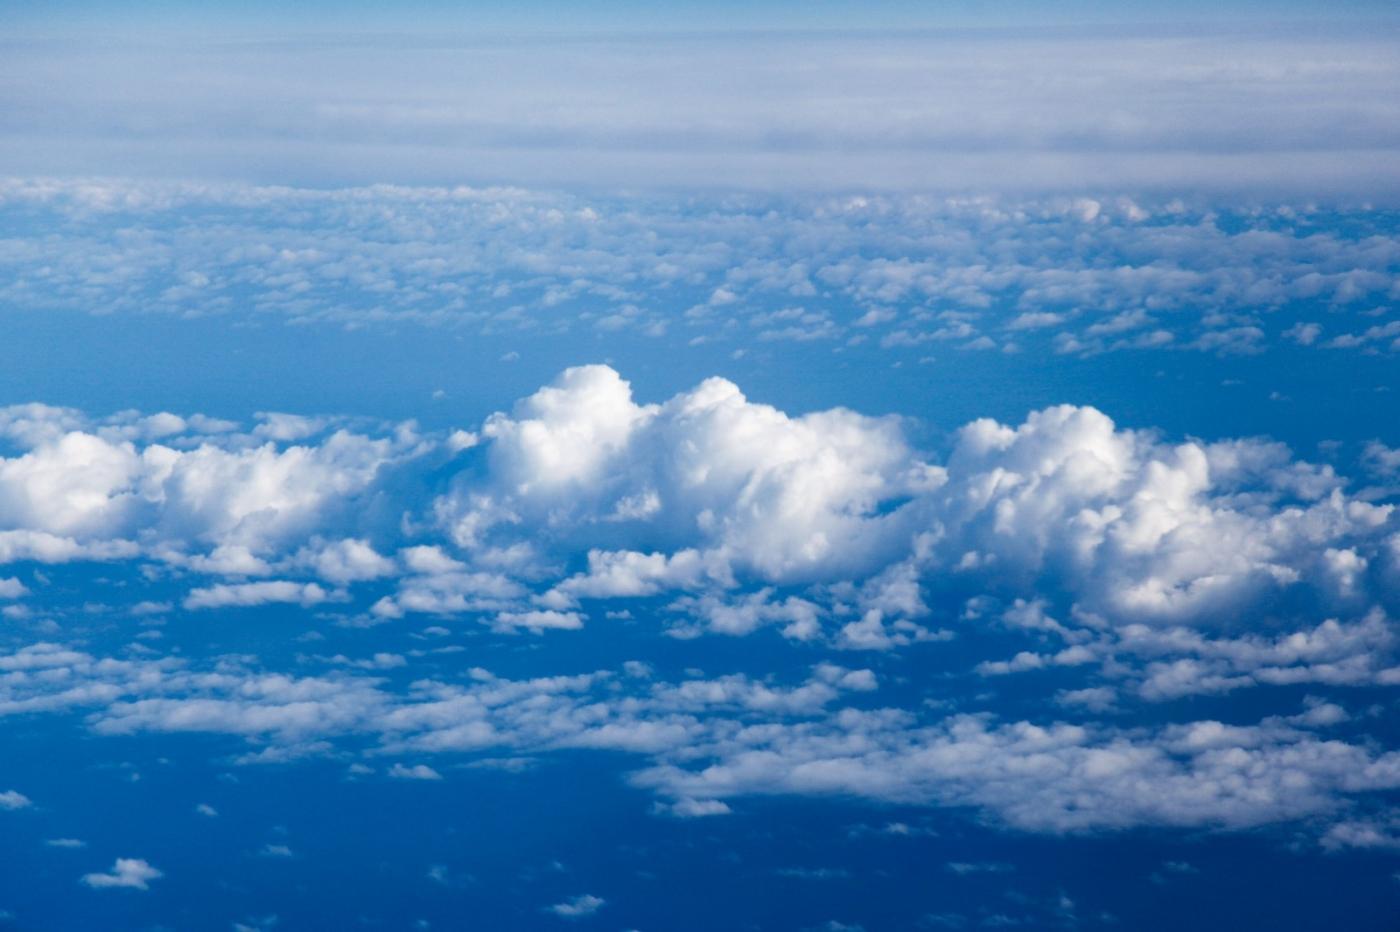 从纽约乘wow班机赴冰岛旅游,从班机的窗口看到:白云翻滚,赏心悦目,堪比黄山之云海 ..._图1-11